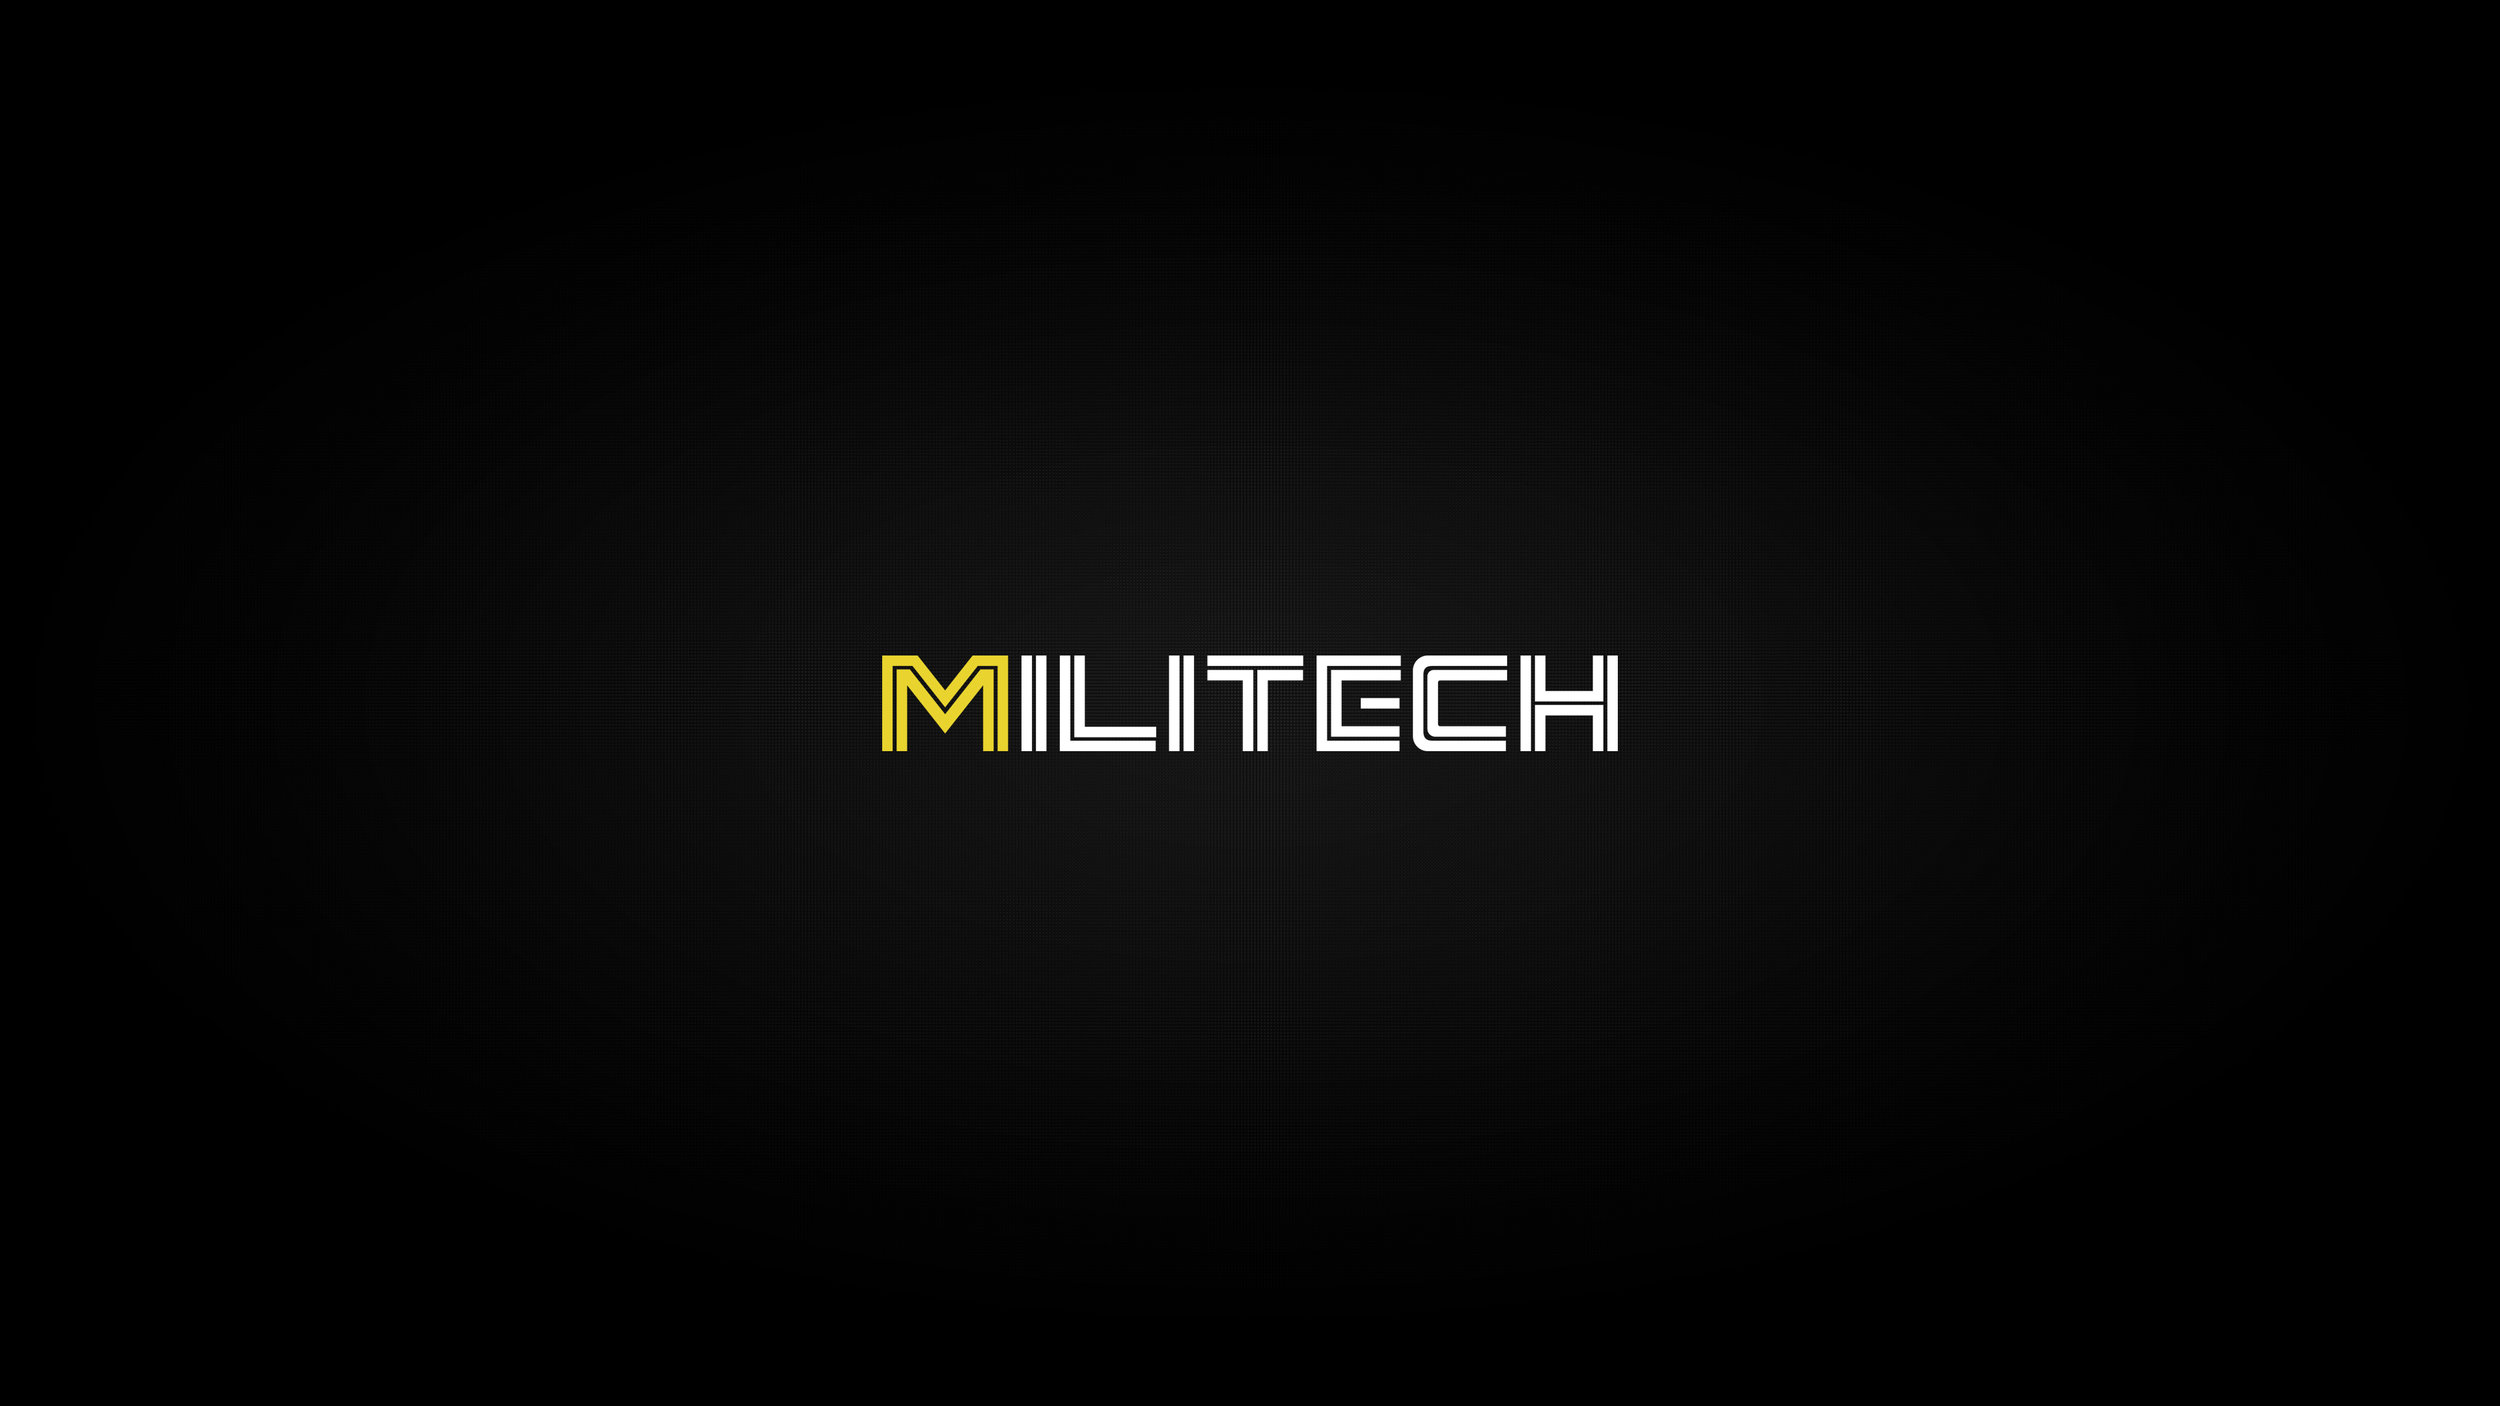 Militech Alternate v1 4K Wallpaper